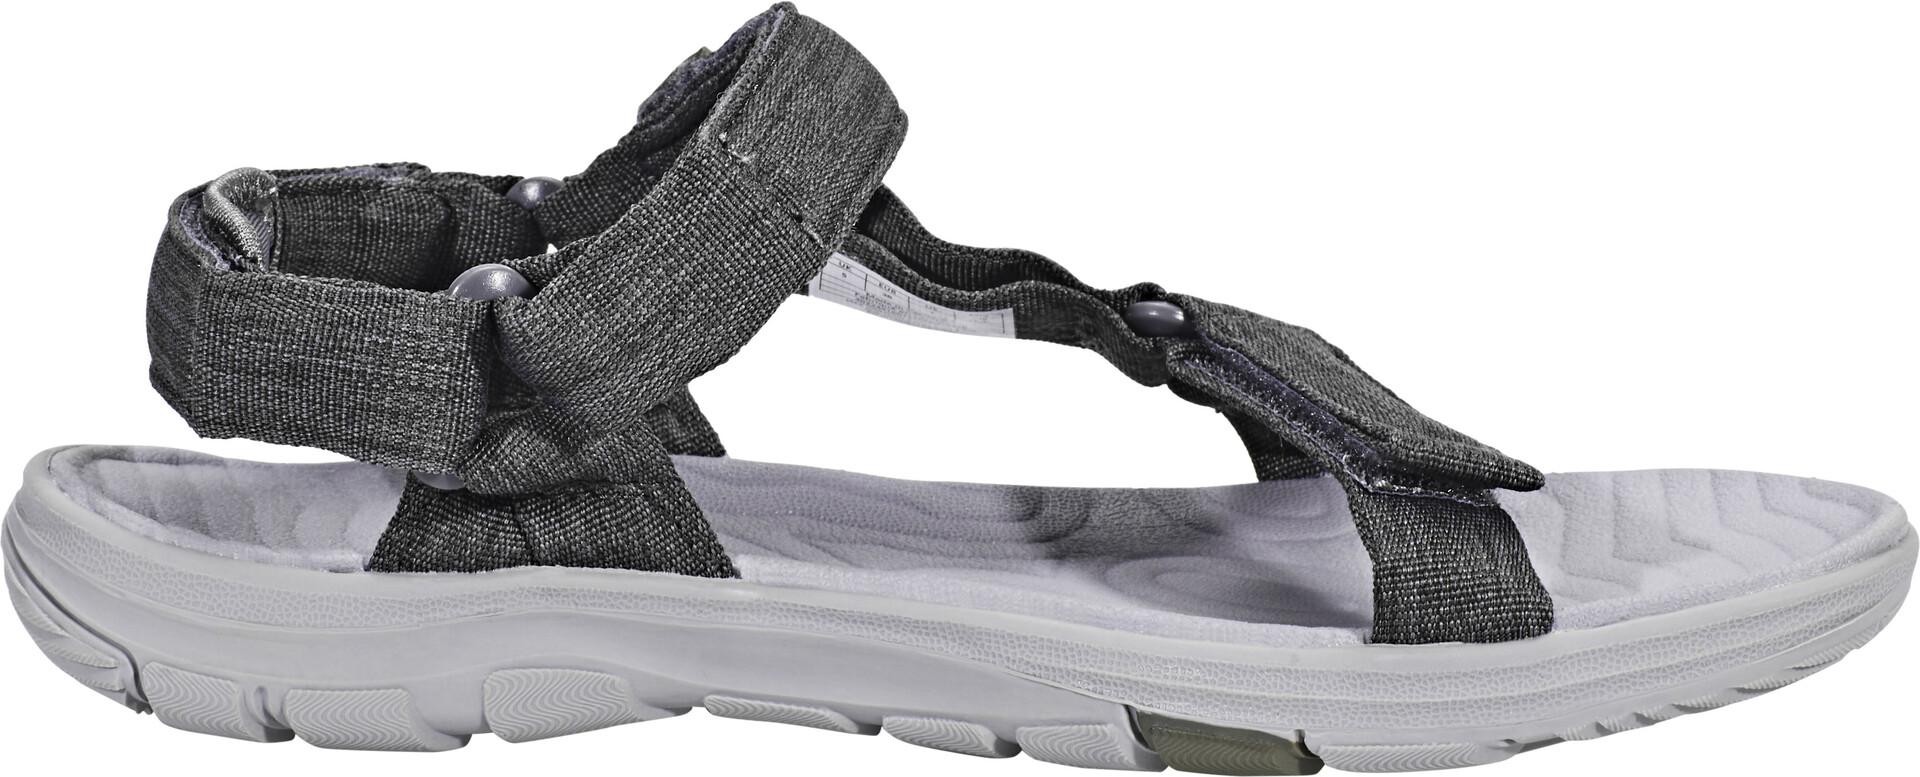 Jack Wolfskin Seven Seas 2 Sandals Schuhe Sandalen Outdoor